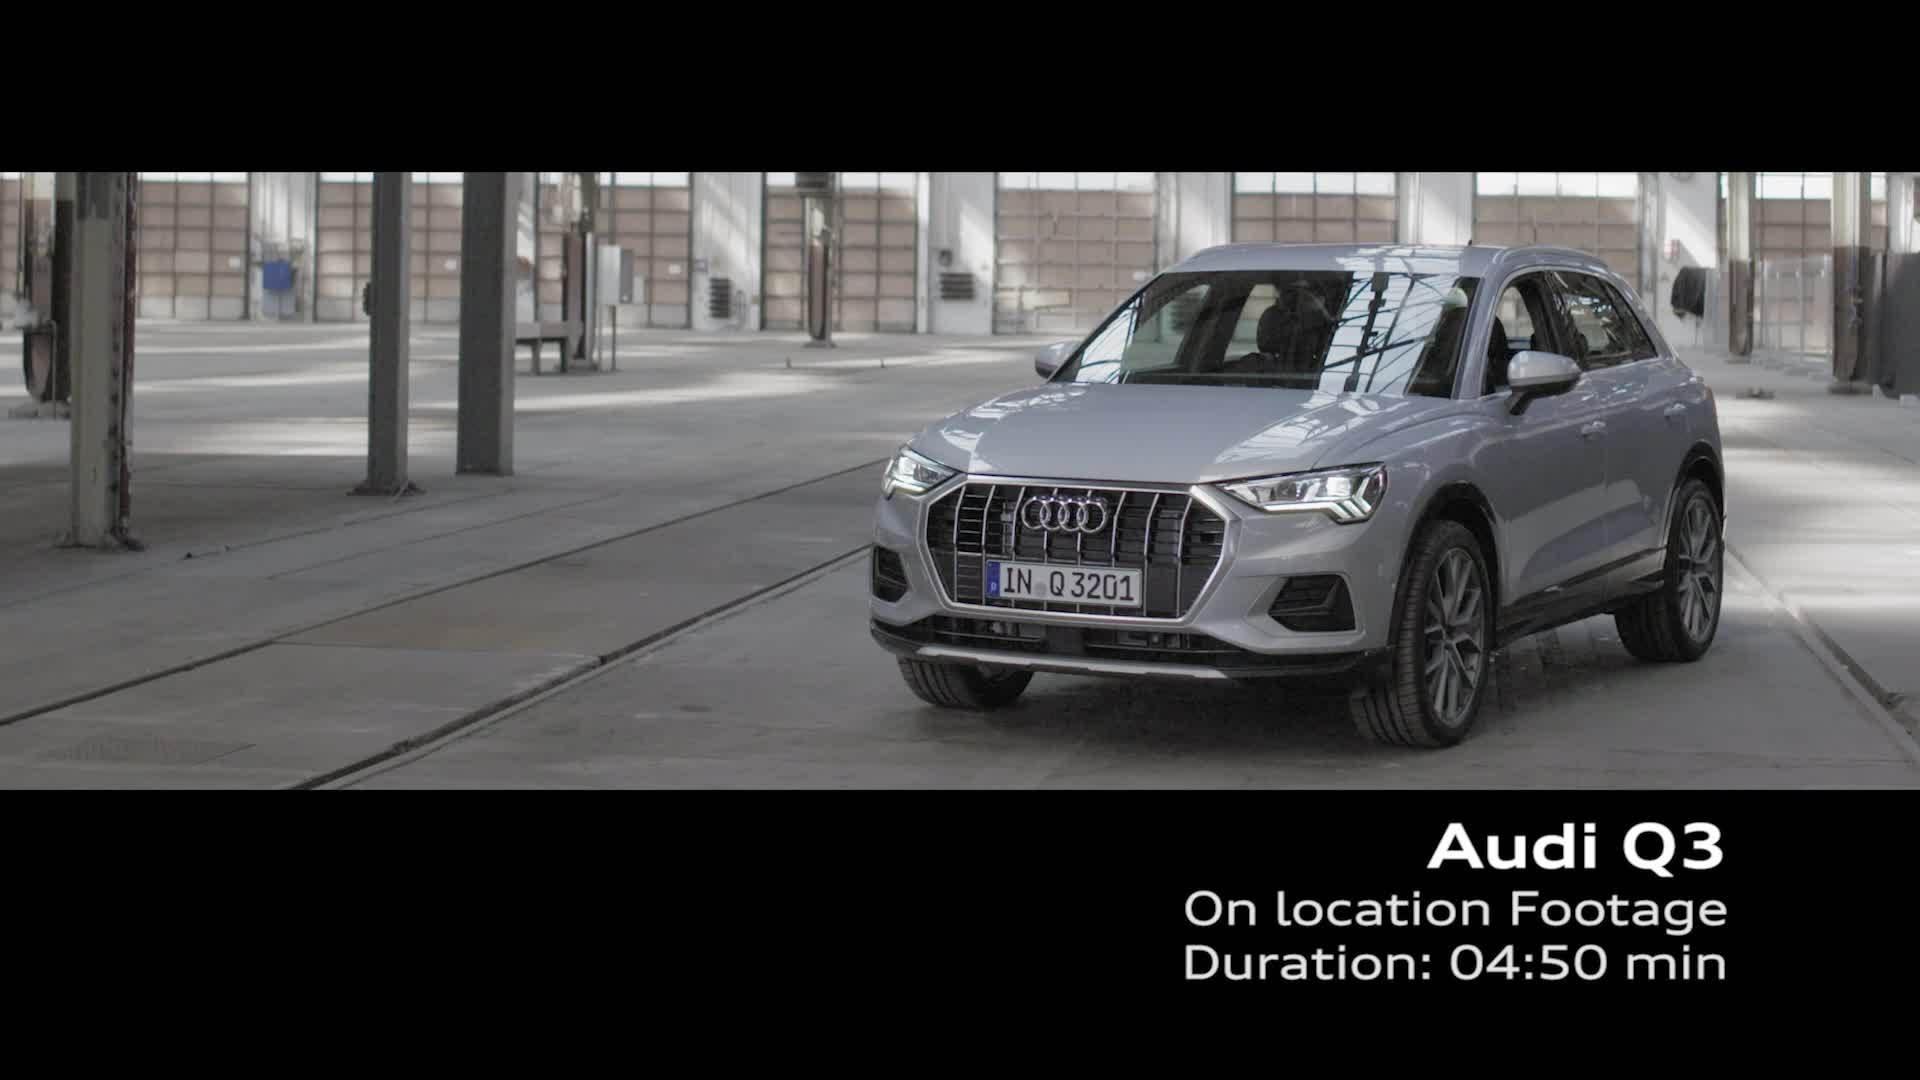 Audi Q3 2018 Footage Stills